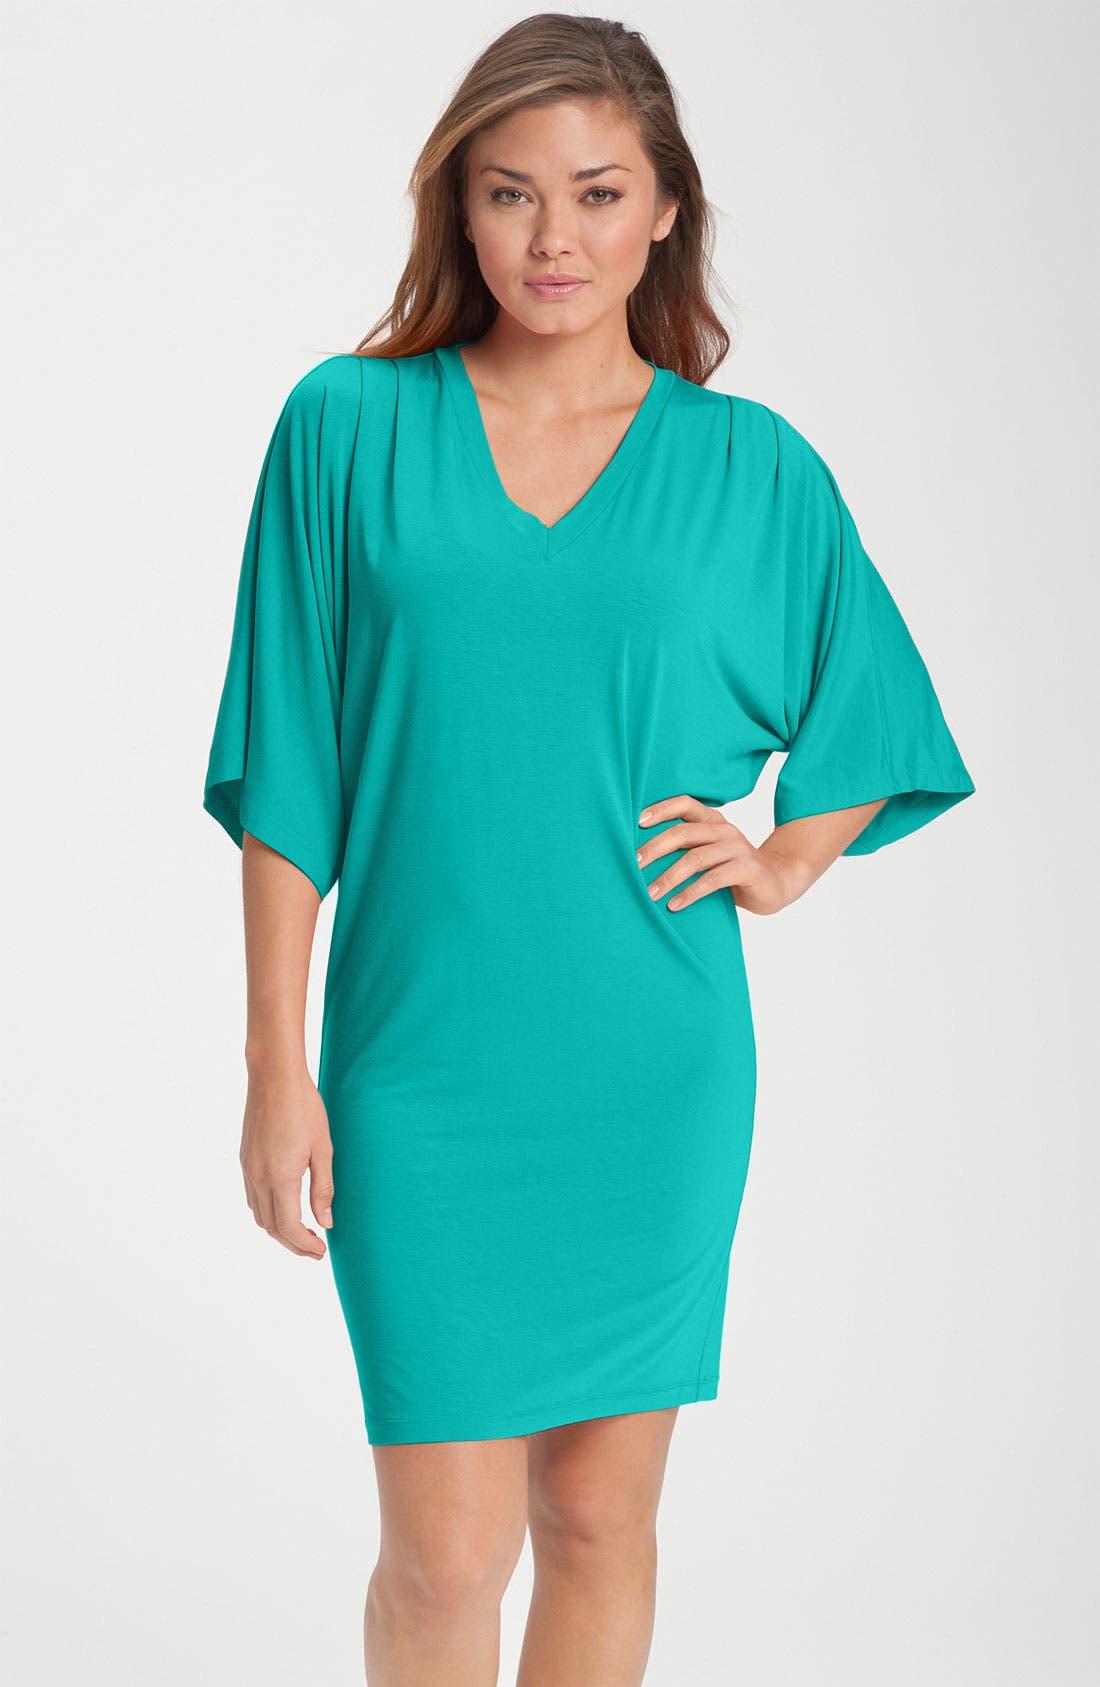 Kimono Sleeve Sleep Shirt, Main, color, 440